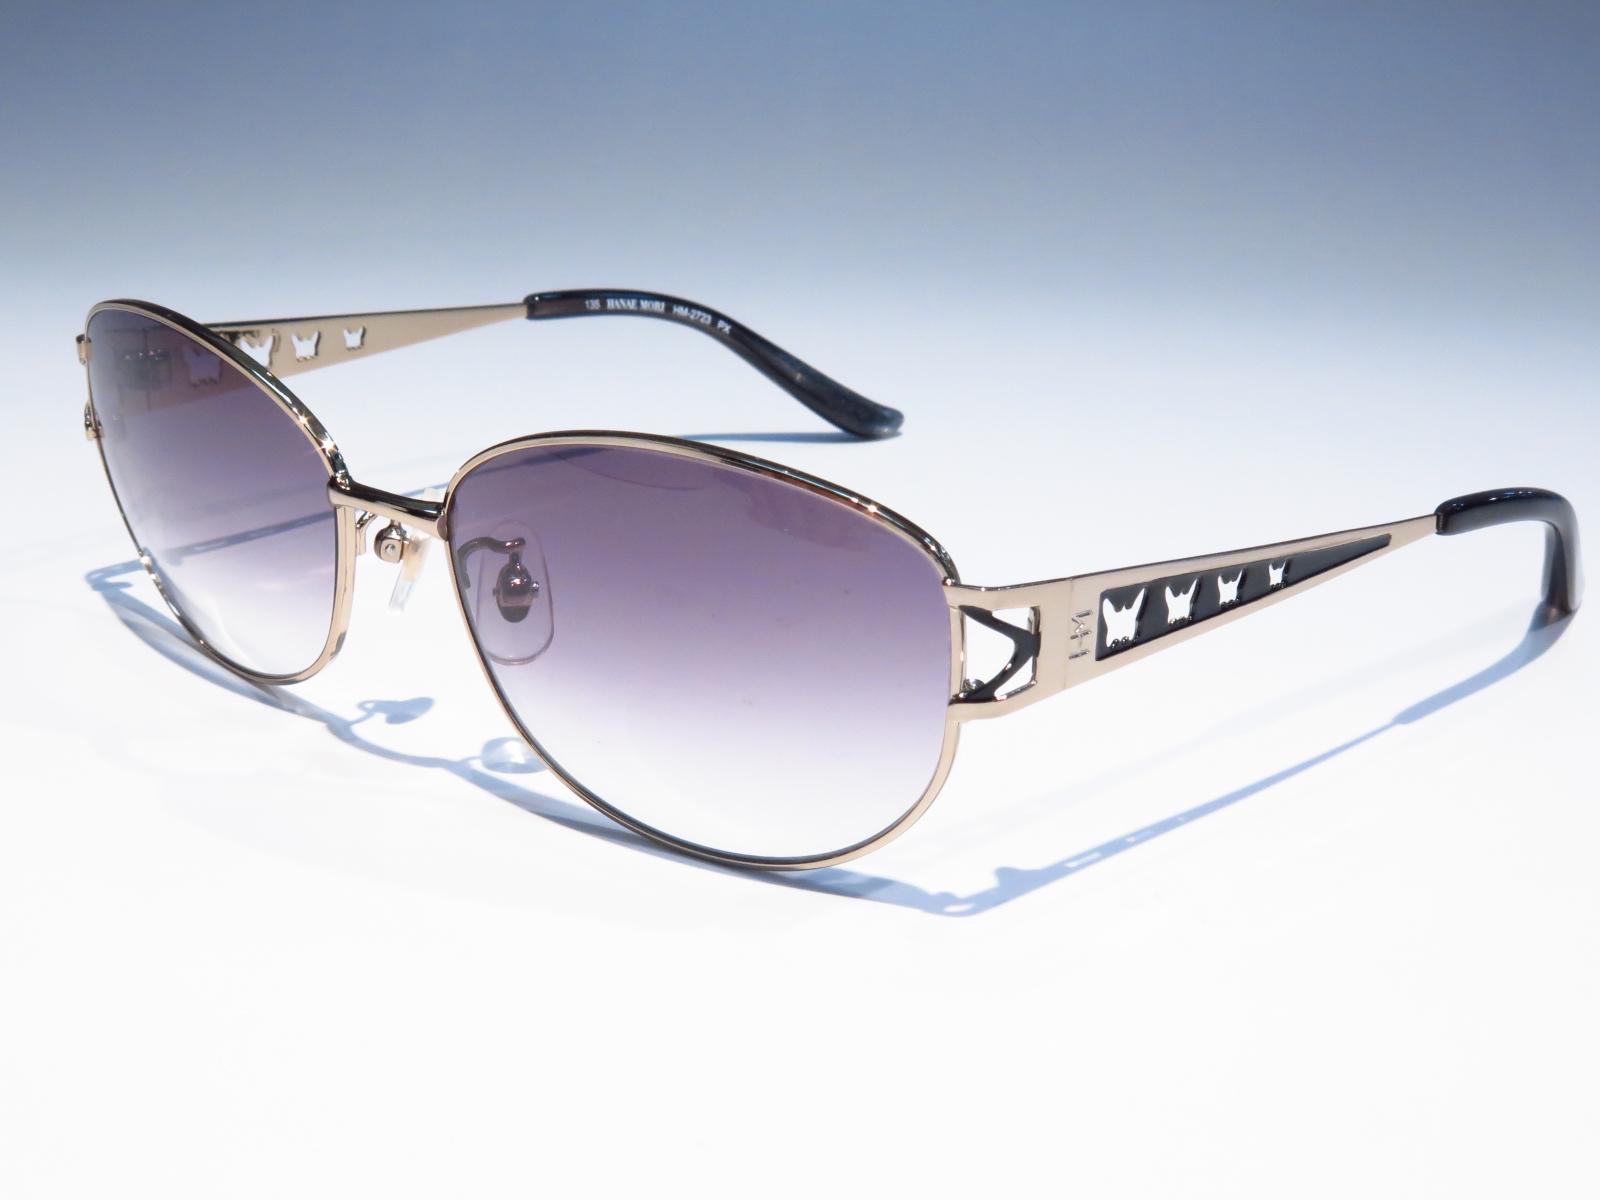 HANAE MORI ハナエモリ レディース ブランド サングラス UVカット 紫外線対策 HM2723 PX